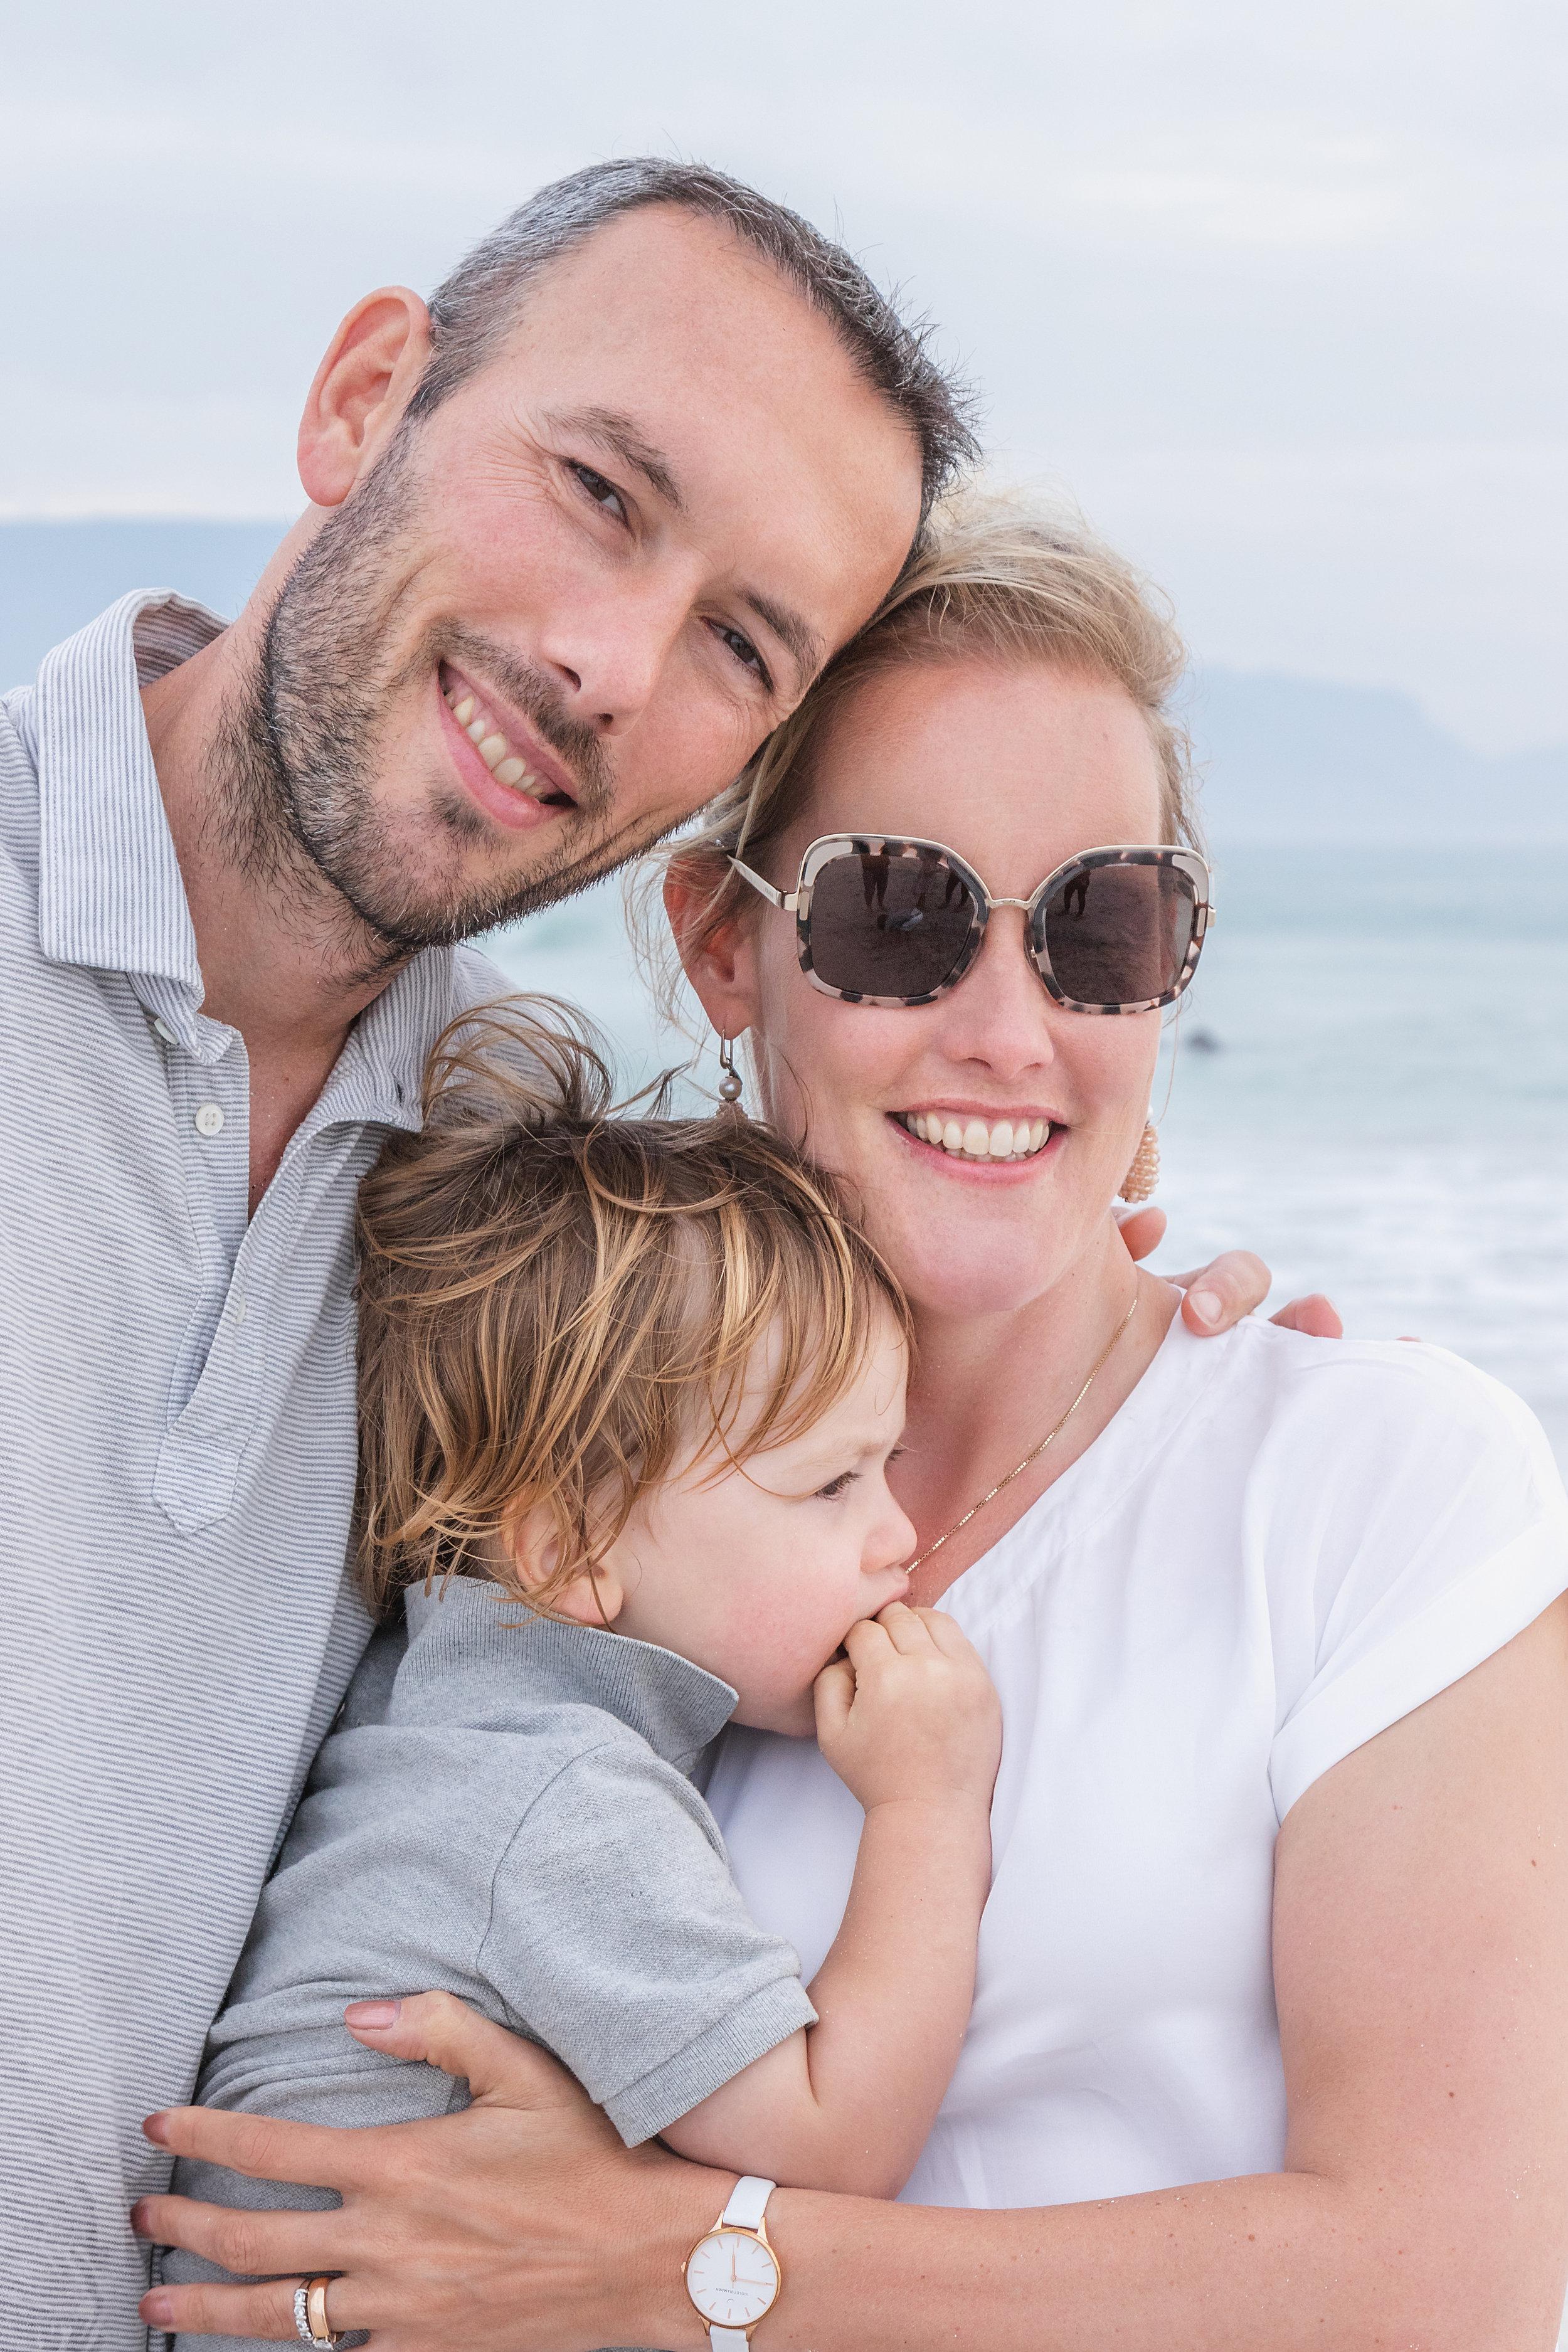 Ken Treloar Photography - Monteban Family Photos - Cape Town 2018 (high-res)-17.jpg